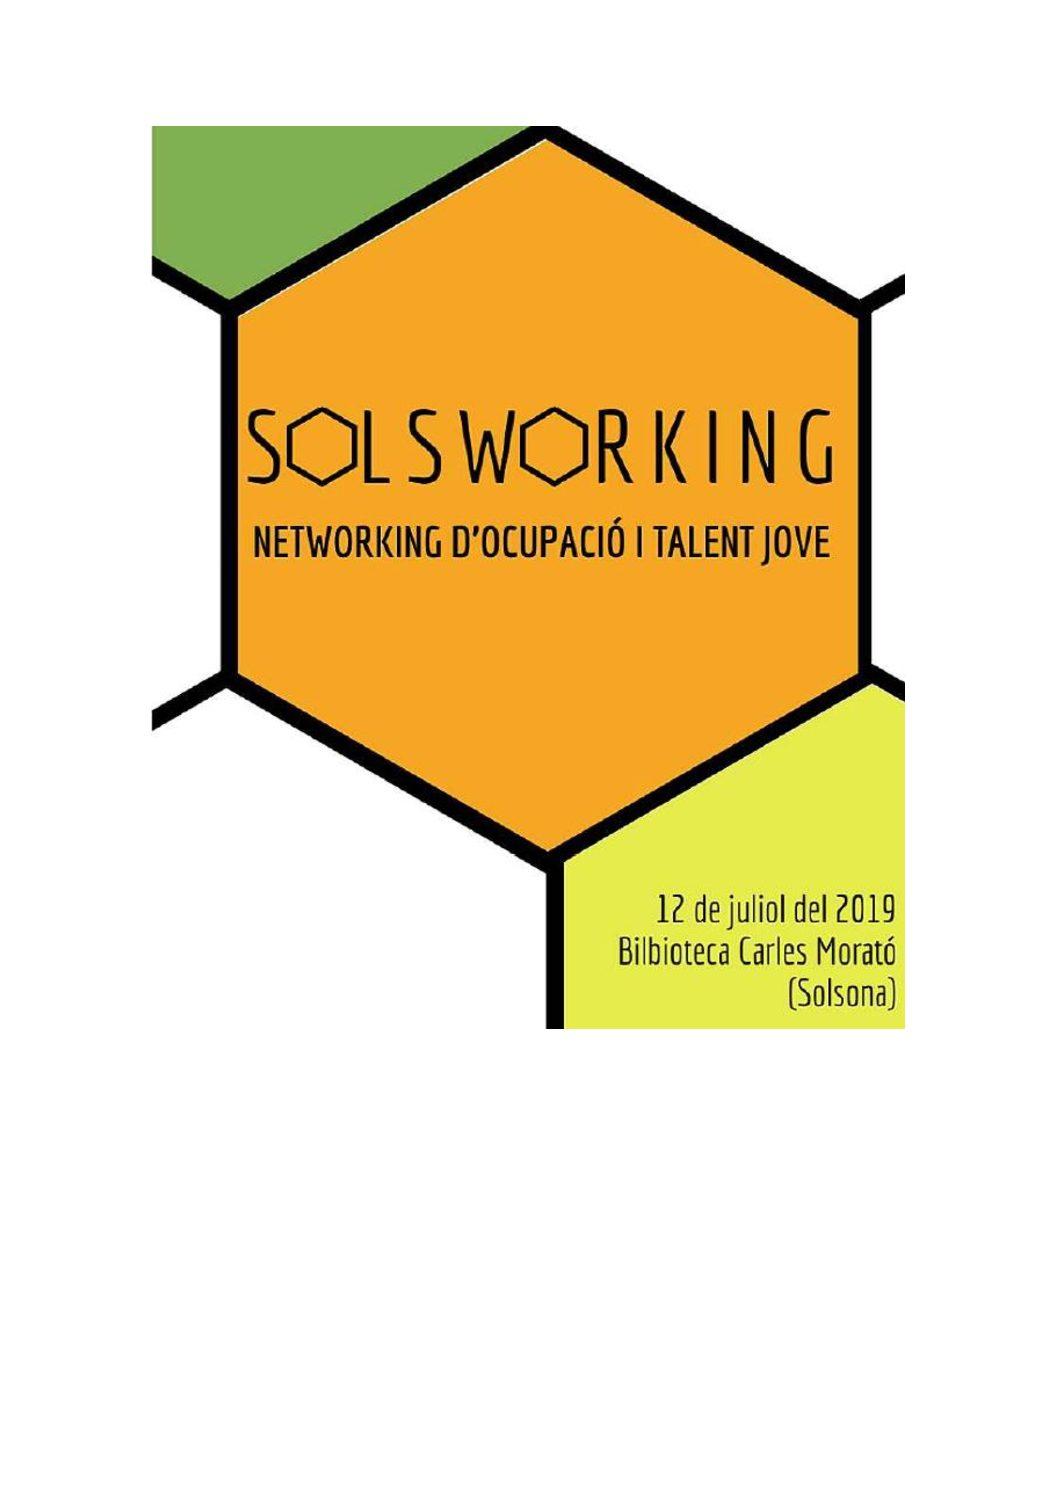 """Jornada """"SOLSWORKING"""" Networking d'ocupació jove al Solsonès"""